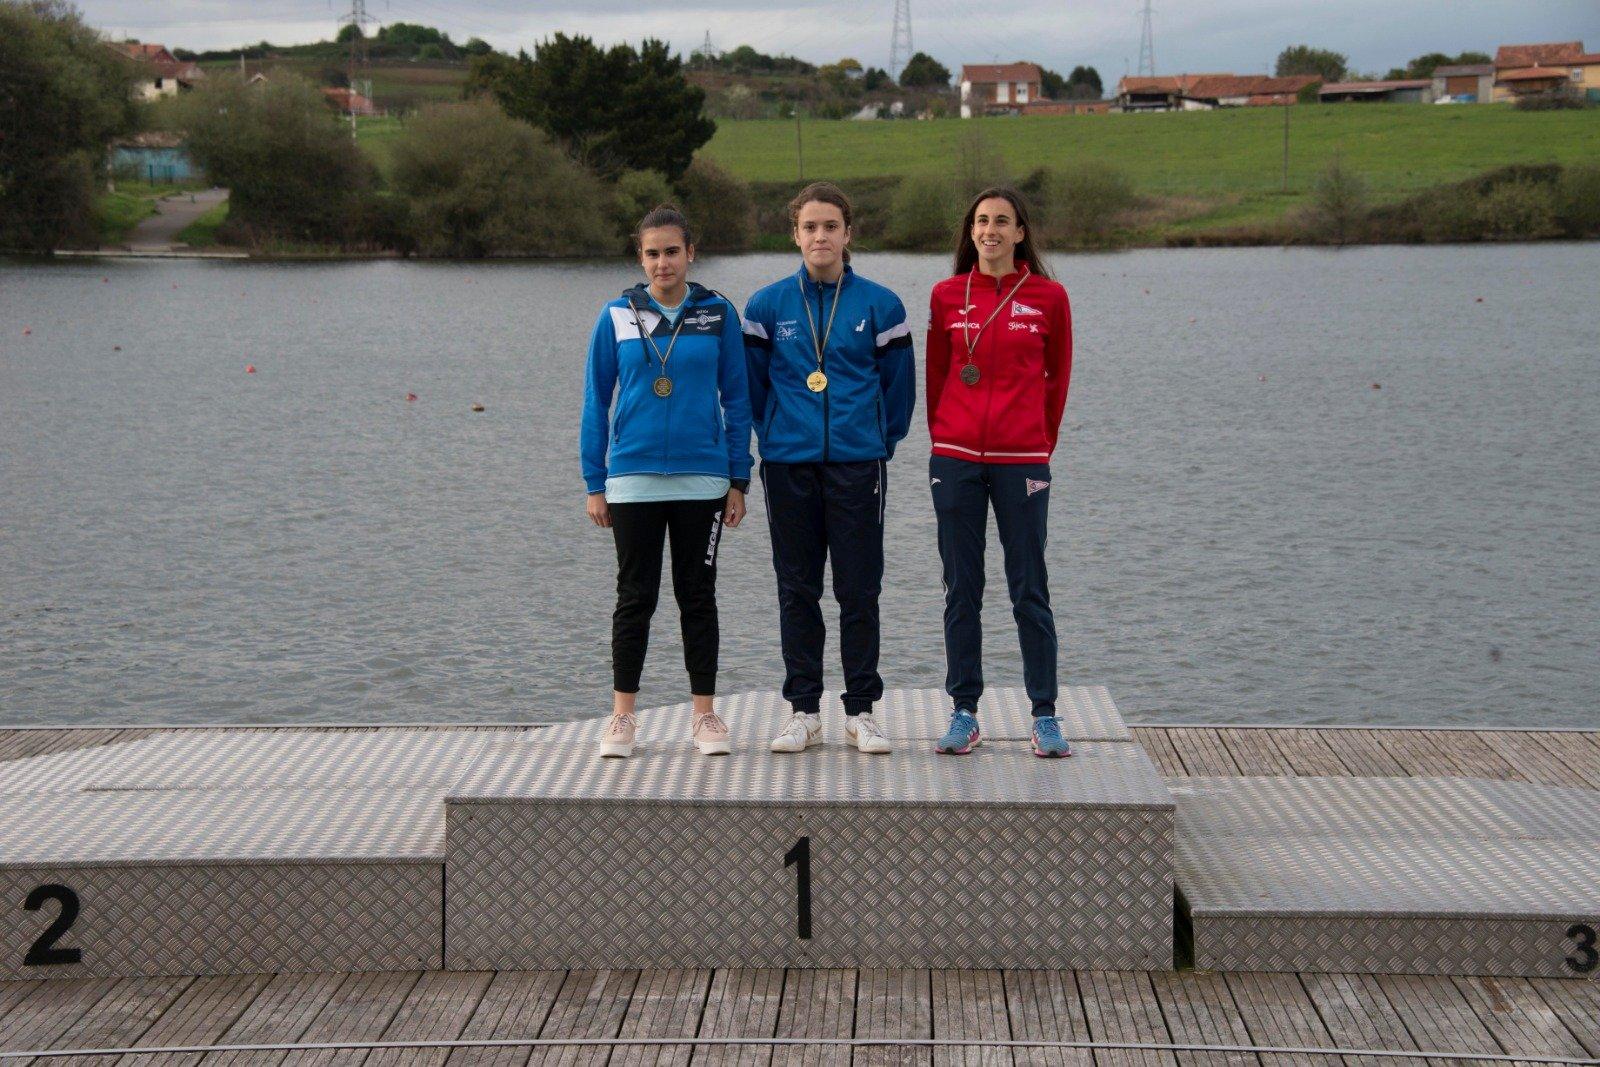 Lucía Val (Club Albiones), Campeona de Asturias de Invierno Cadete de Piragüismo